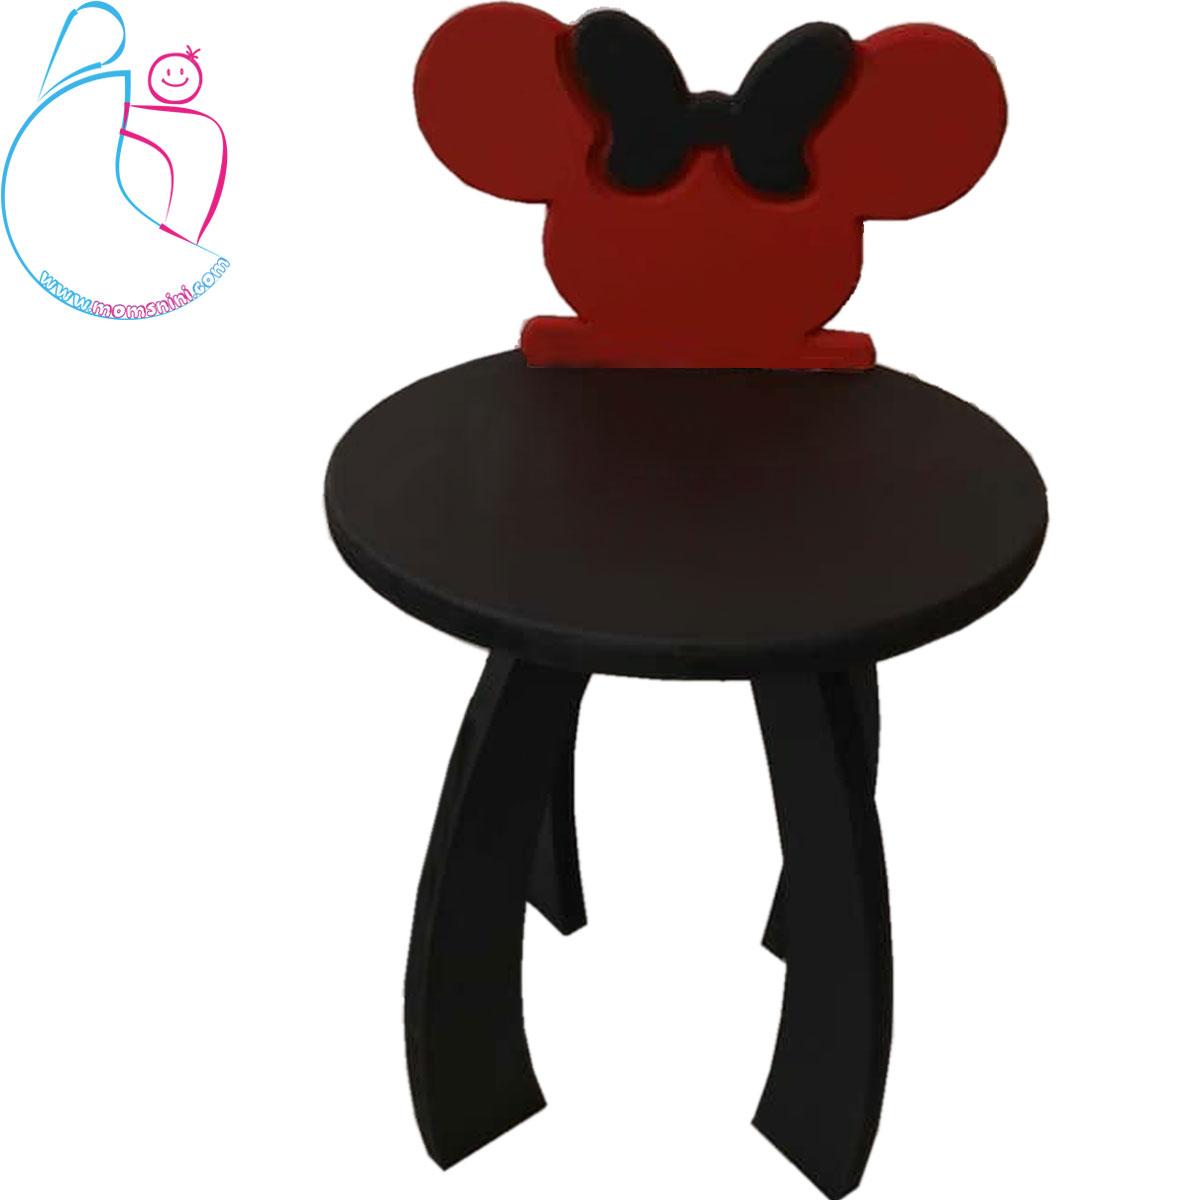 صندلی چوبی پارمیس مدل پاپیون